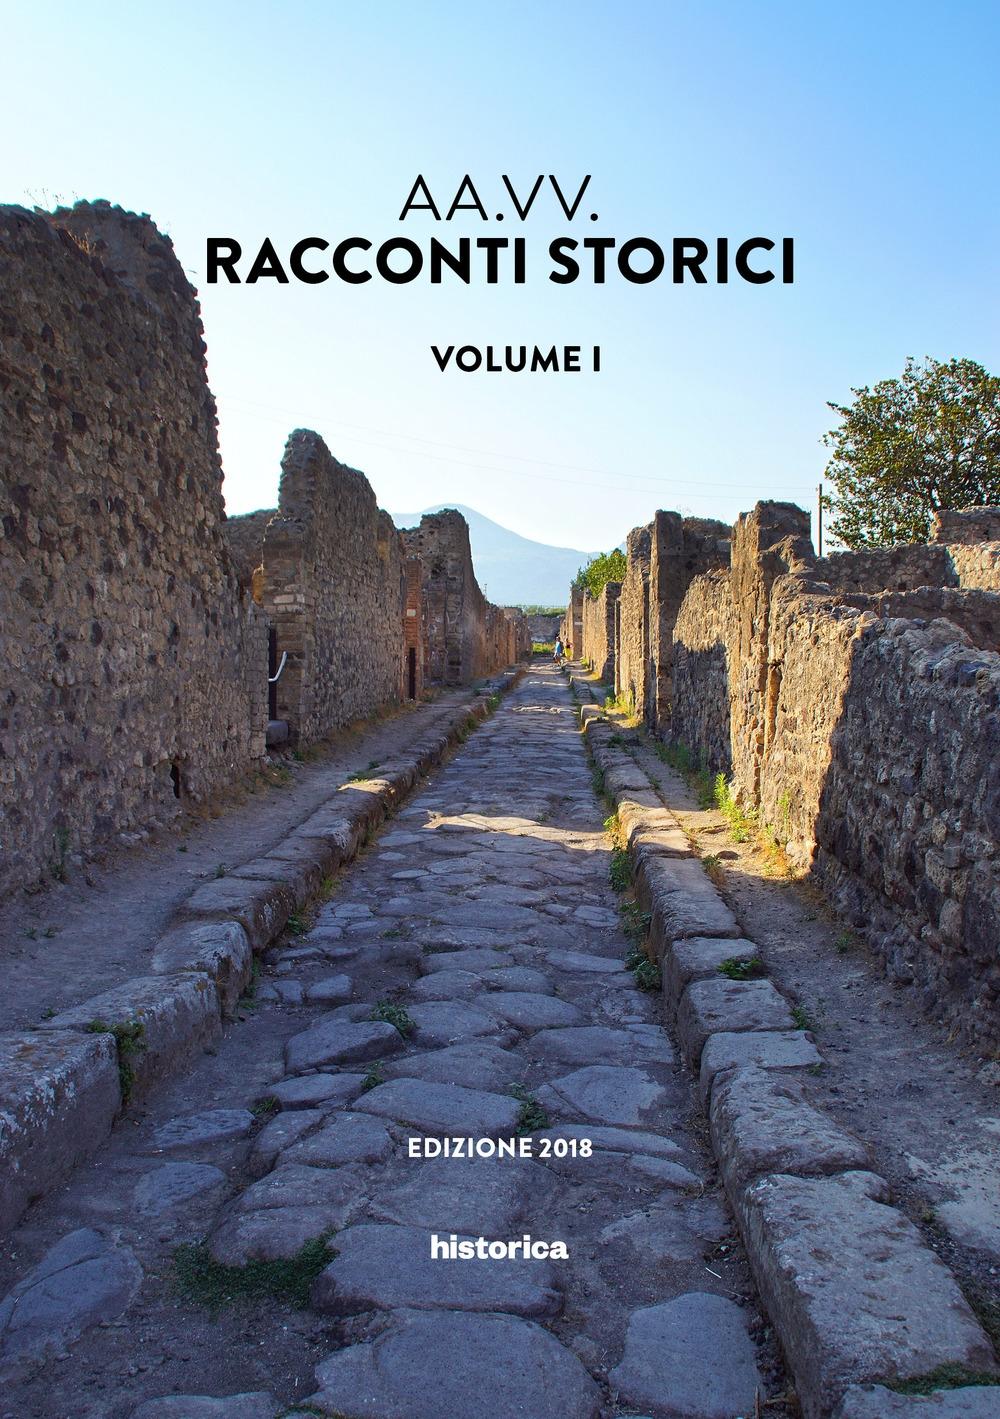 Racconti storici. Vol. 1. Edizione 2018